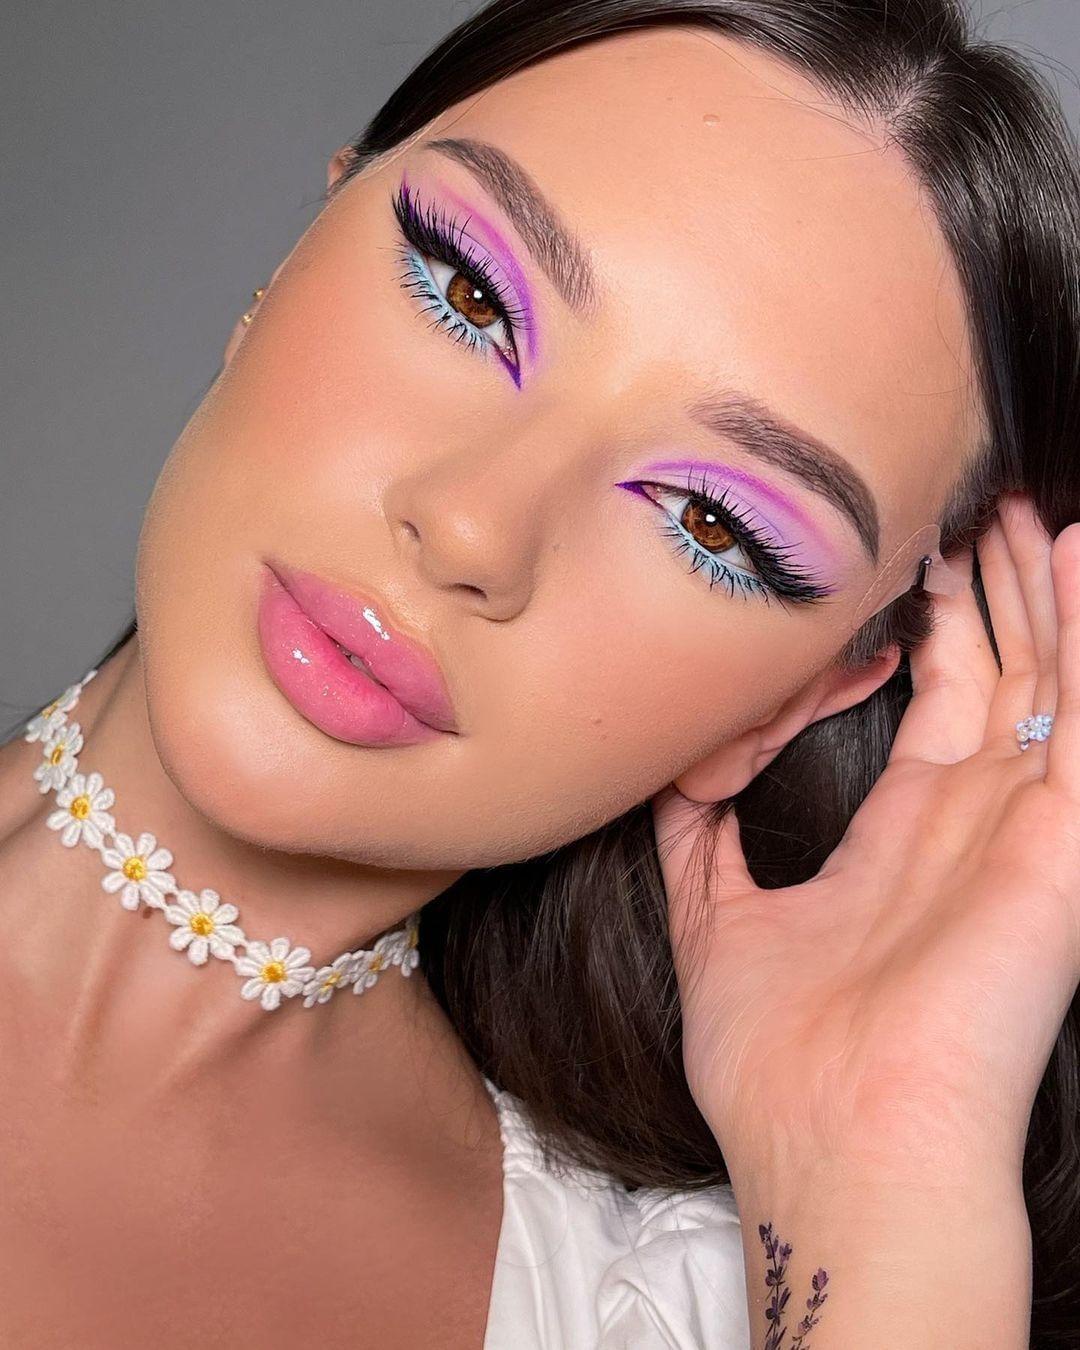 مكياج وردي وبنفسجي - الصورة من صفحة Ecole maquillage Peyrefitte على إنستقرام